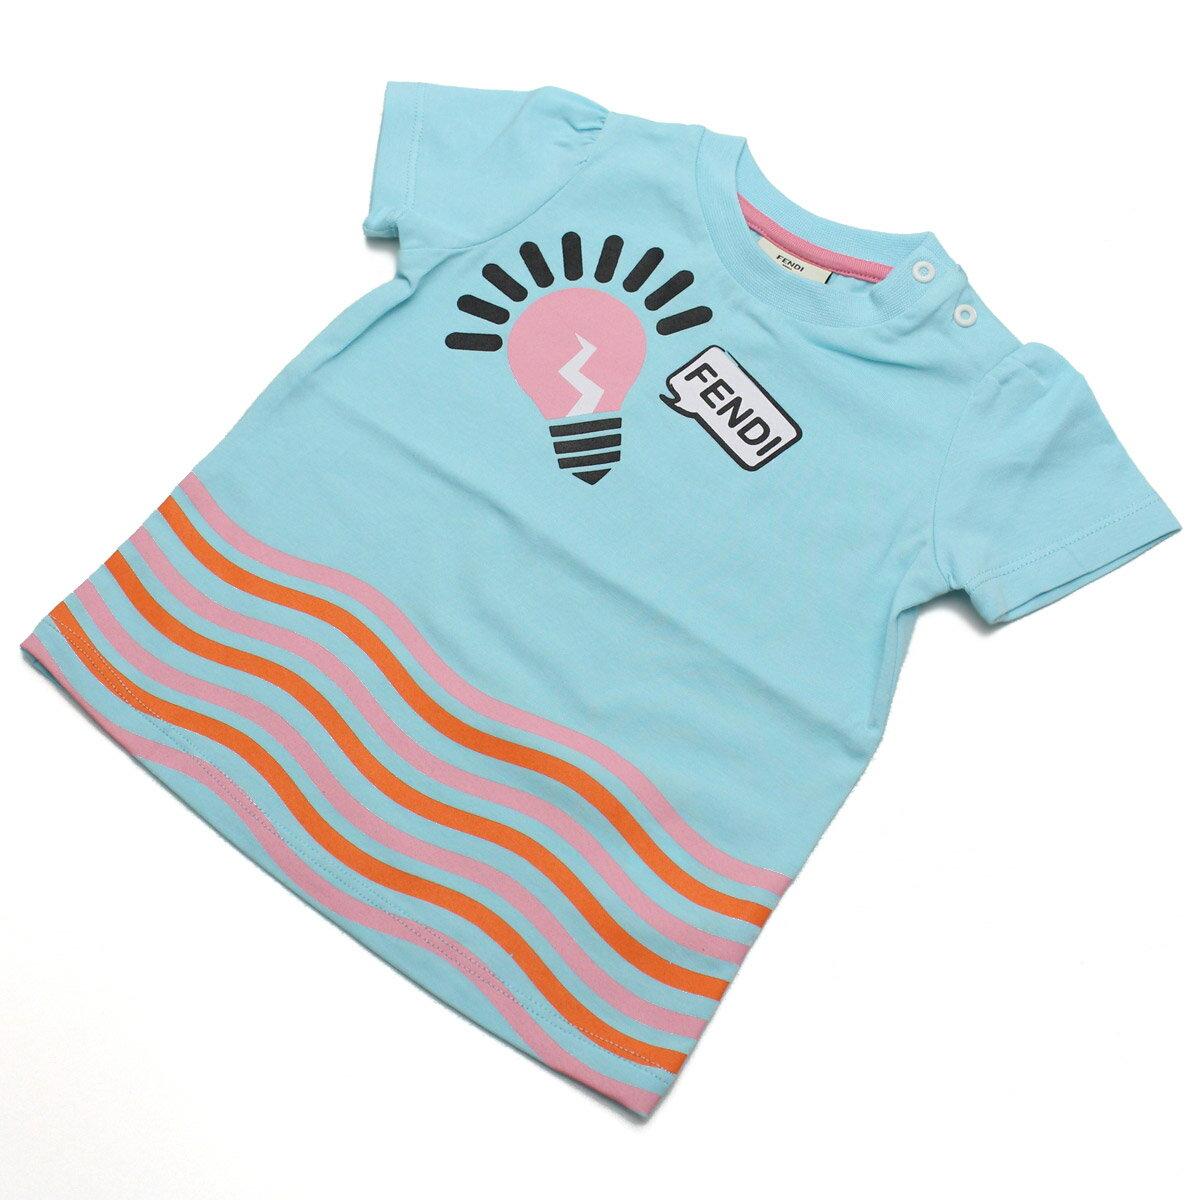 フェンディ (FENDI) ベビーTシャツ ベビー服 BFI032 ST8 F0QF4 ブルー系【キッズ・ベビー】【女の子】